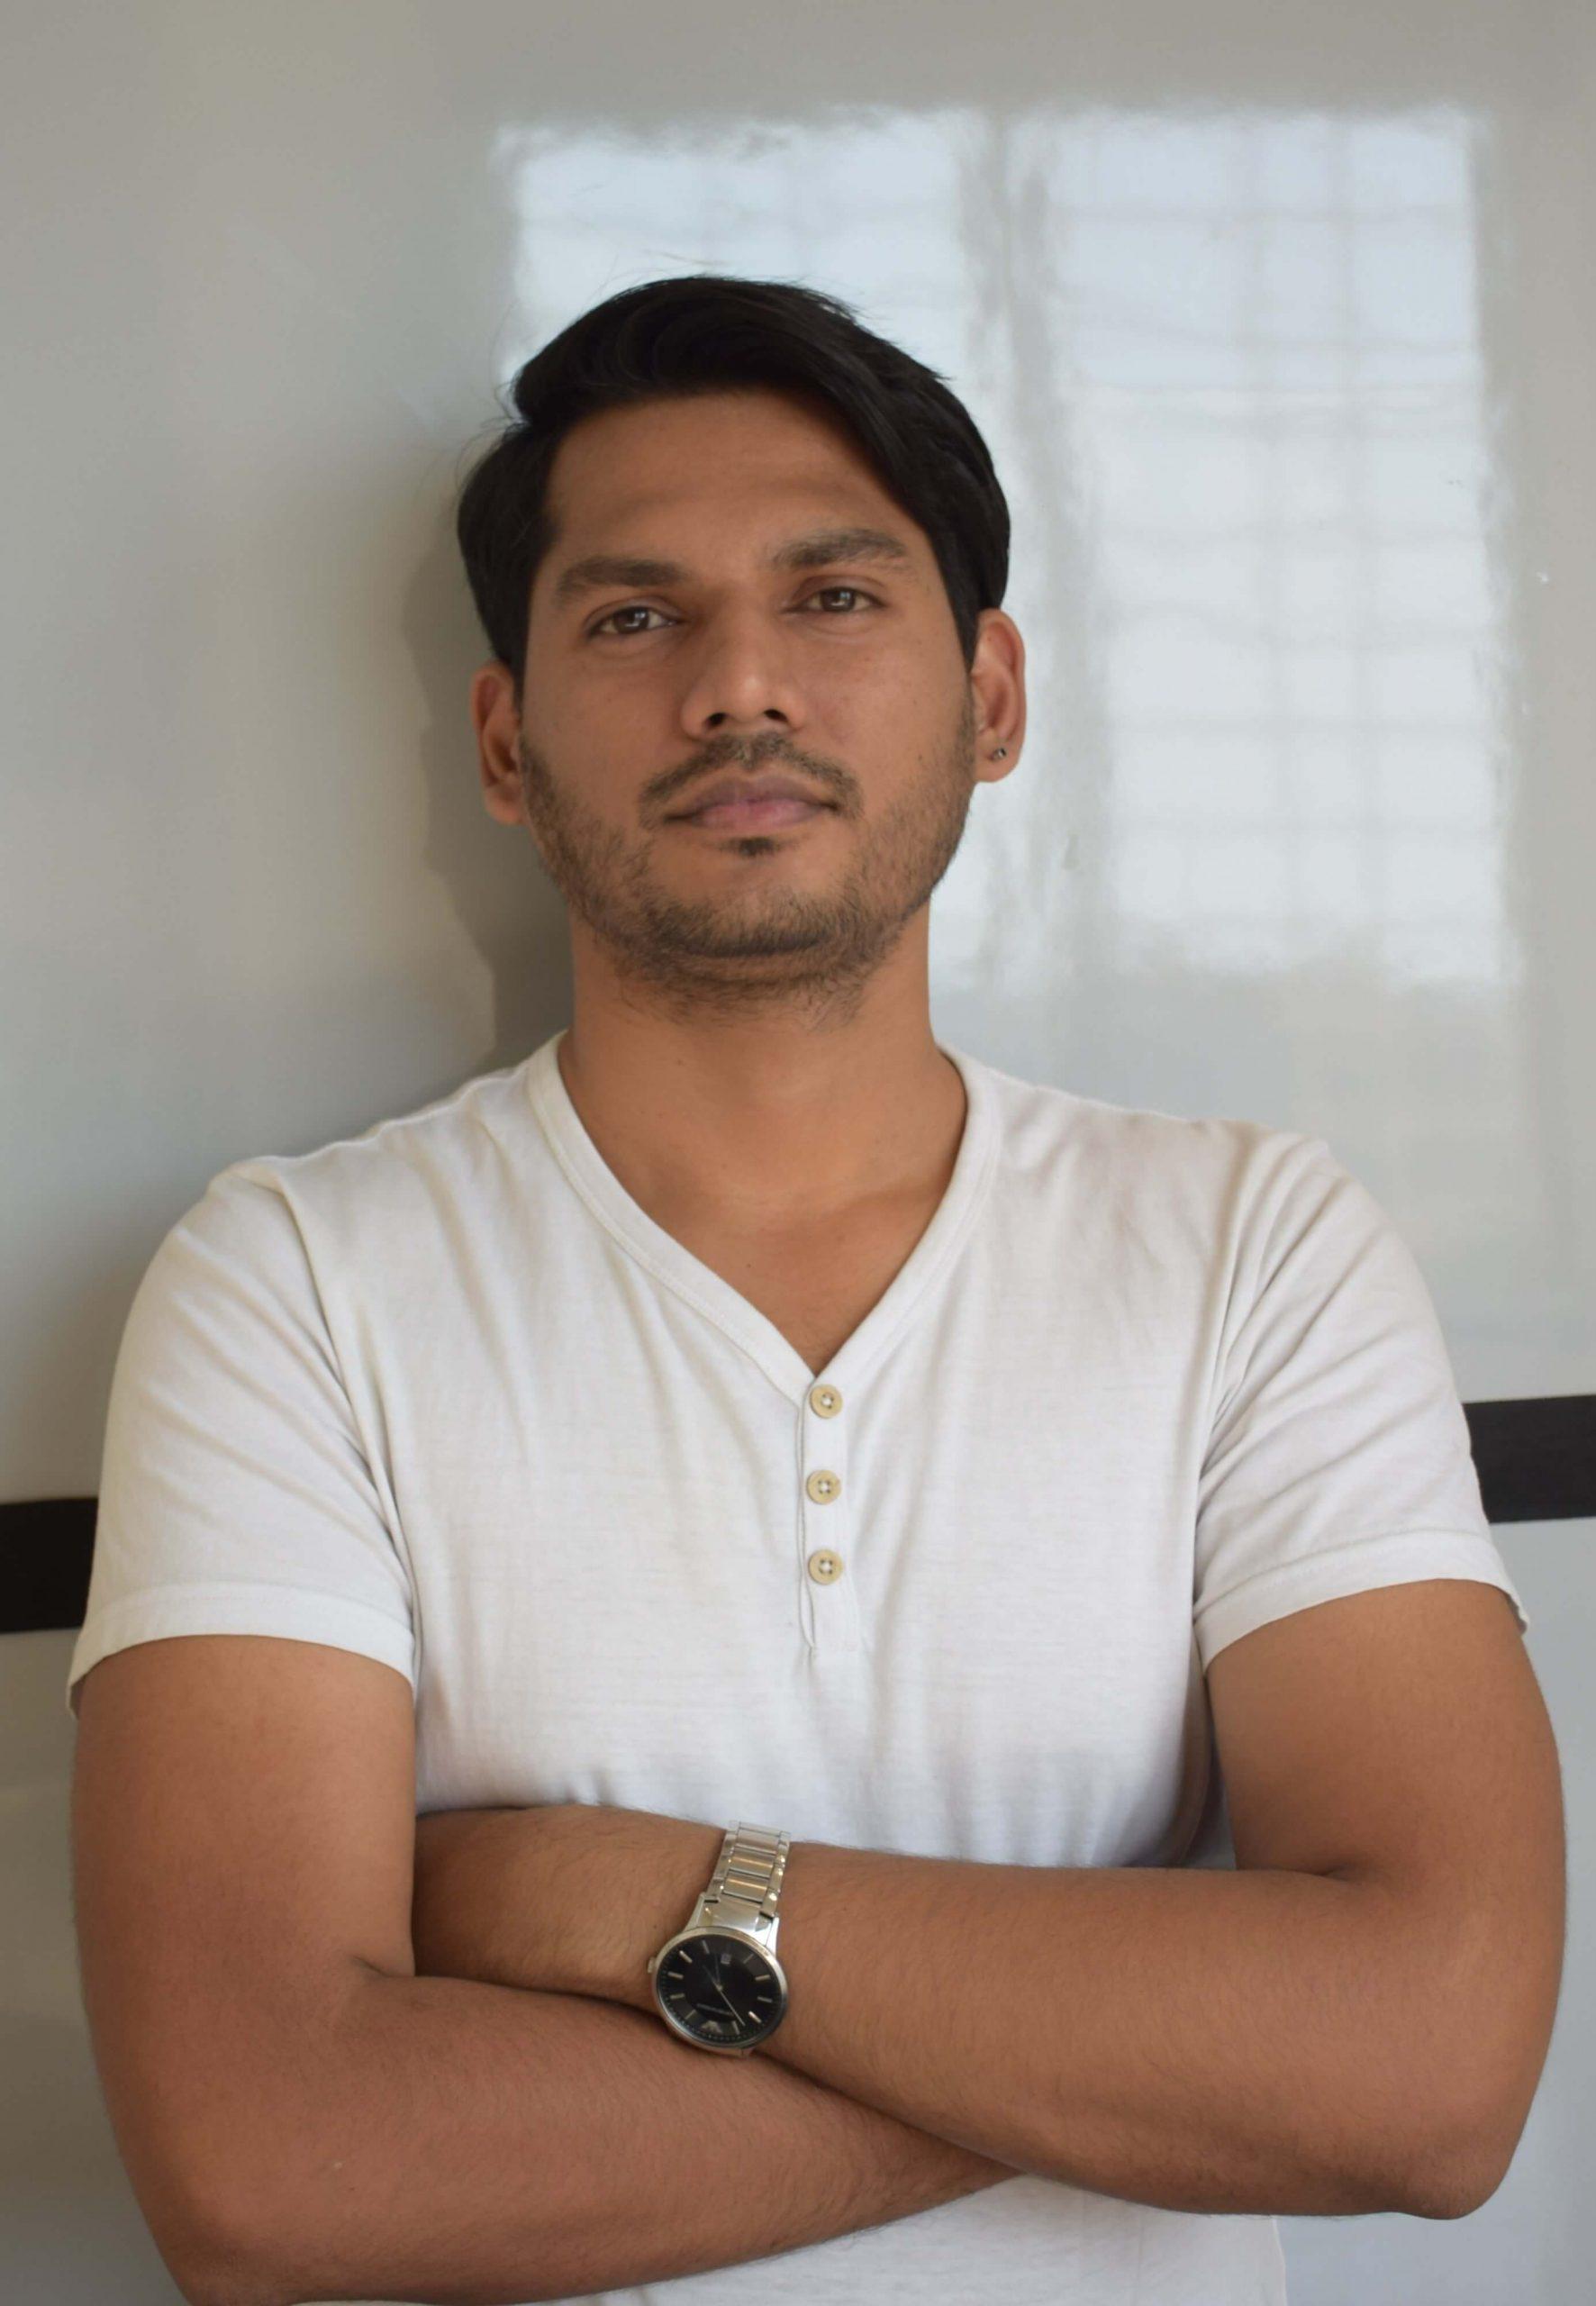 Portrait picture of a man